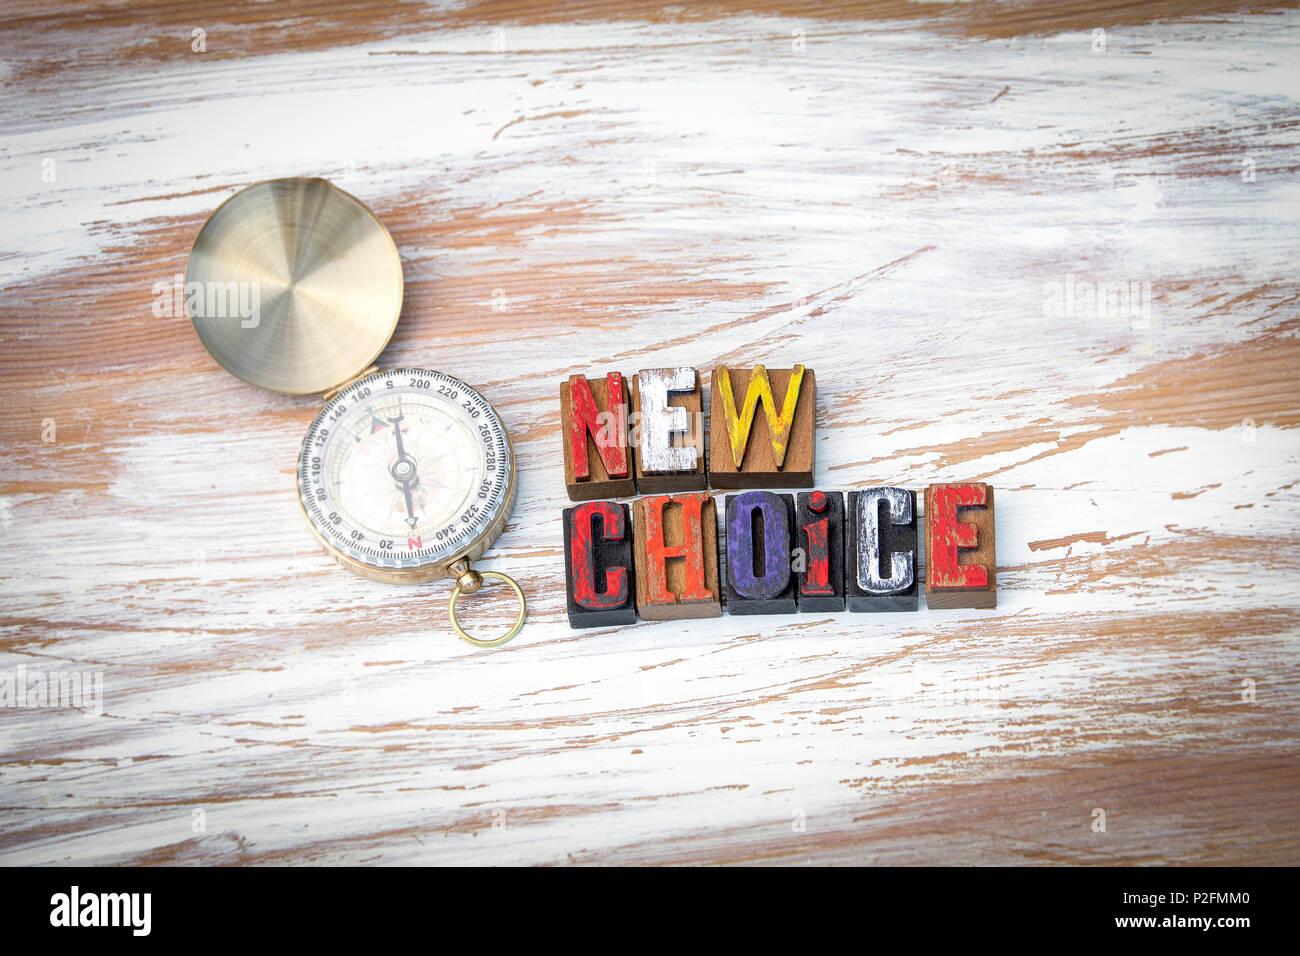 Nuova scelta. Lettere di legno sulla scrivania in ufficio Immagini Stock